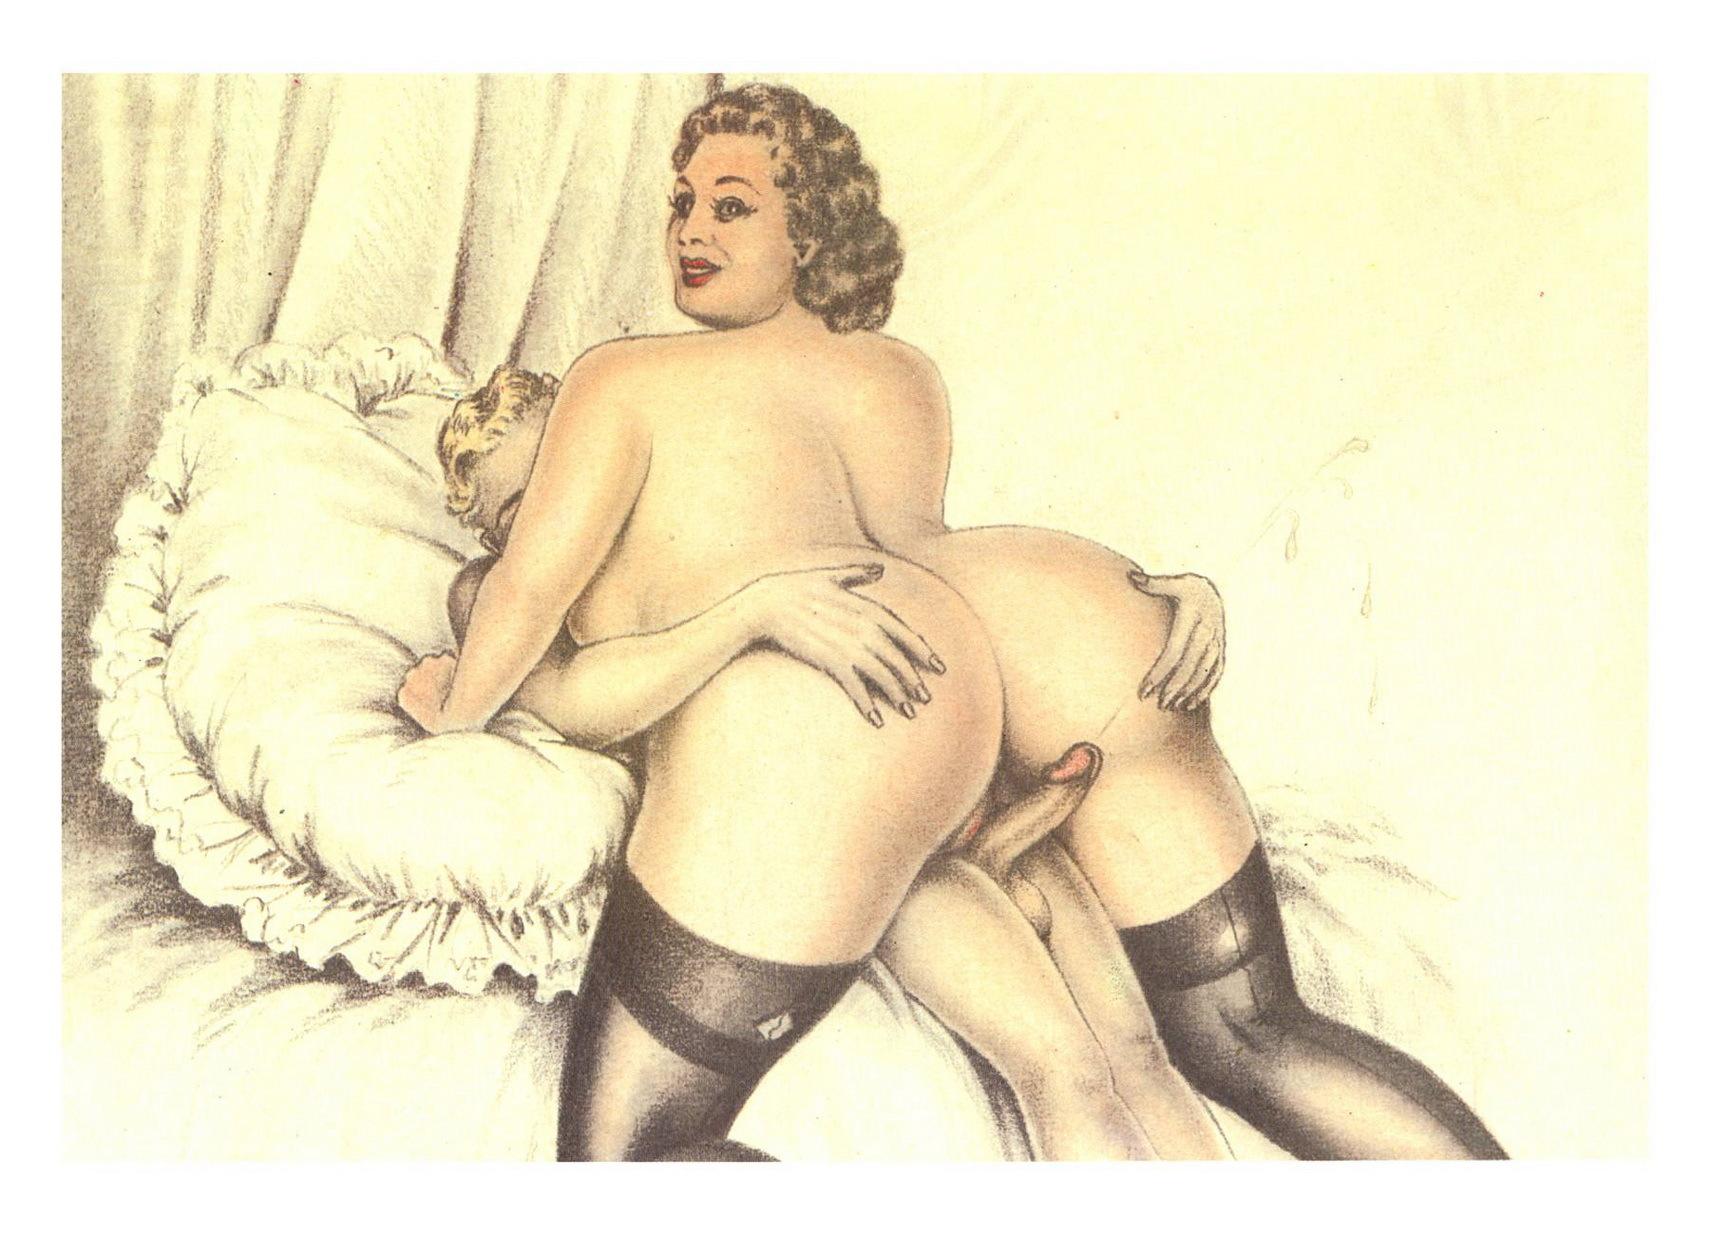 vintage sex art